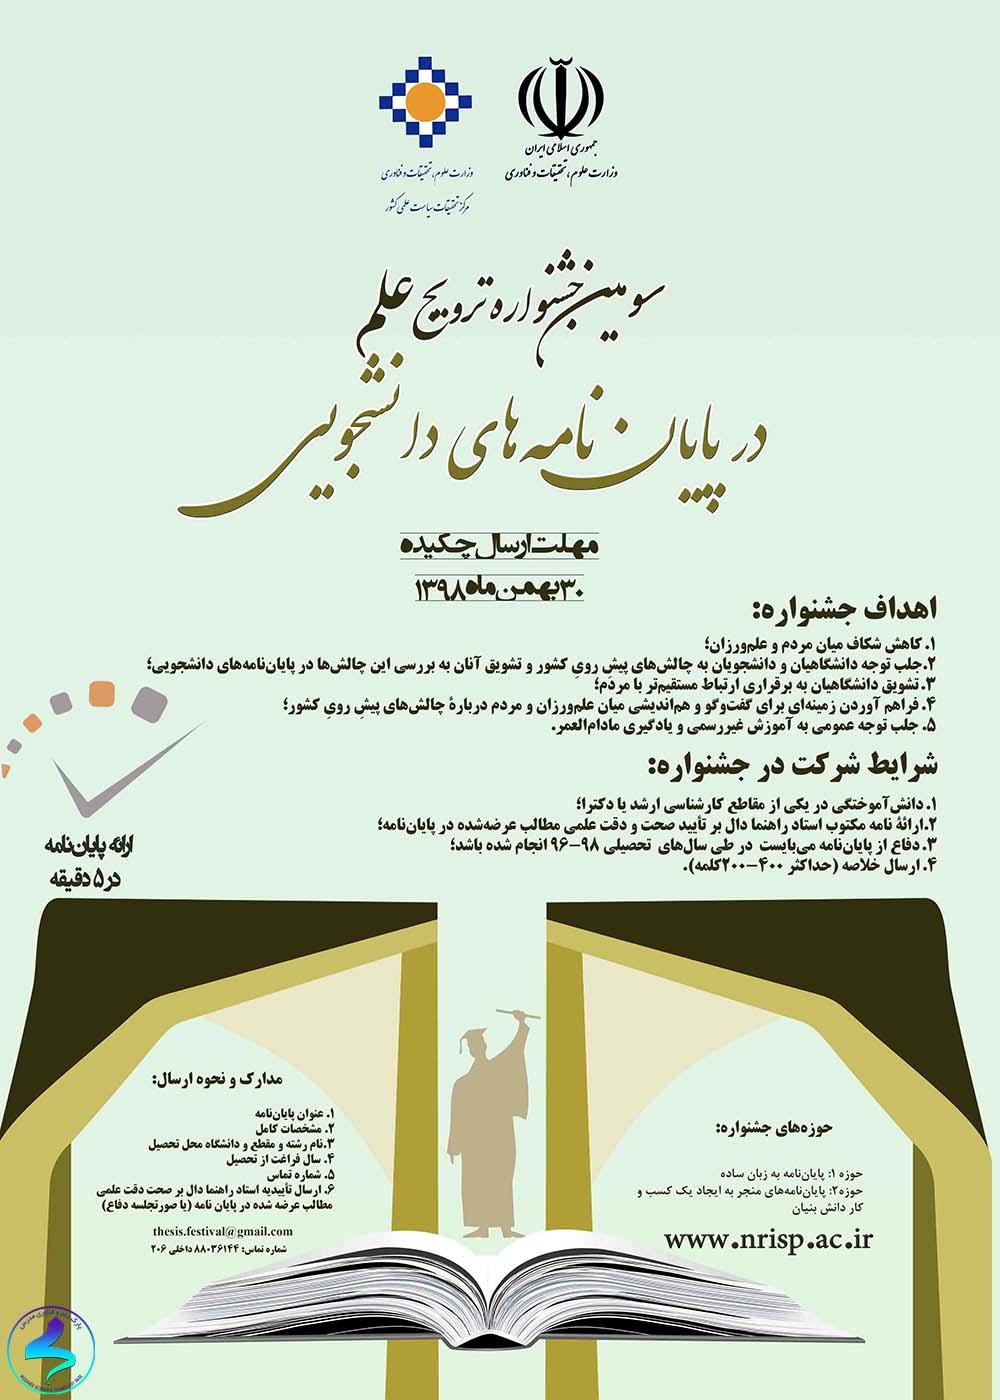 سومين دوره «جشنواره ترويج علم در پایاننامههای دانشجويي»